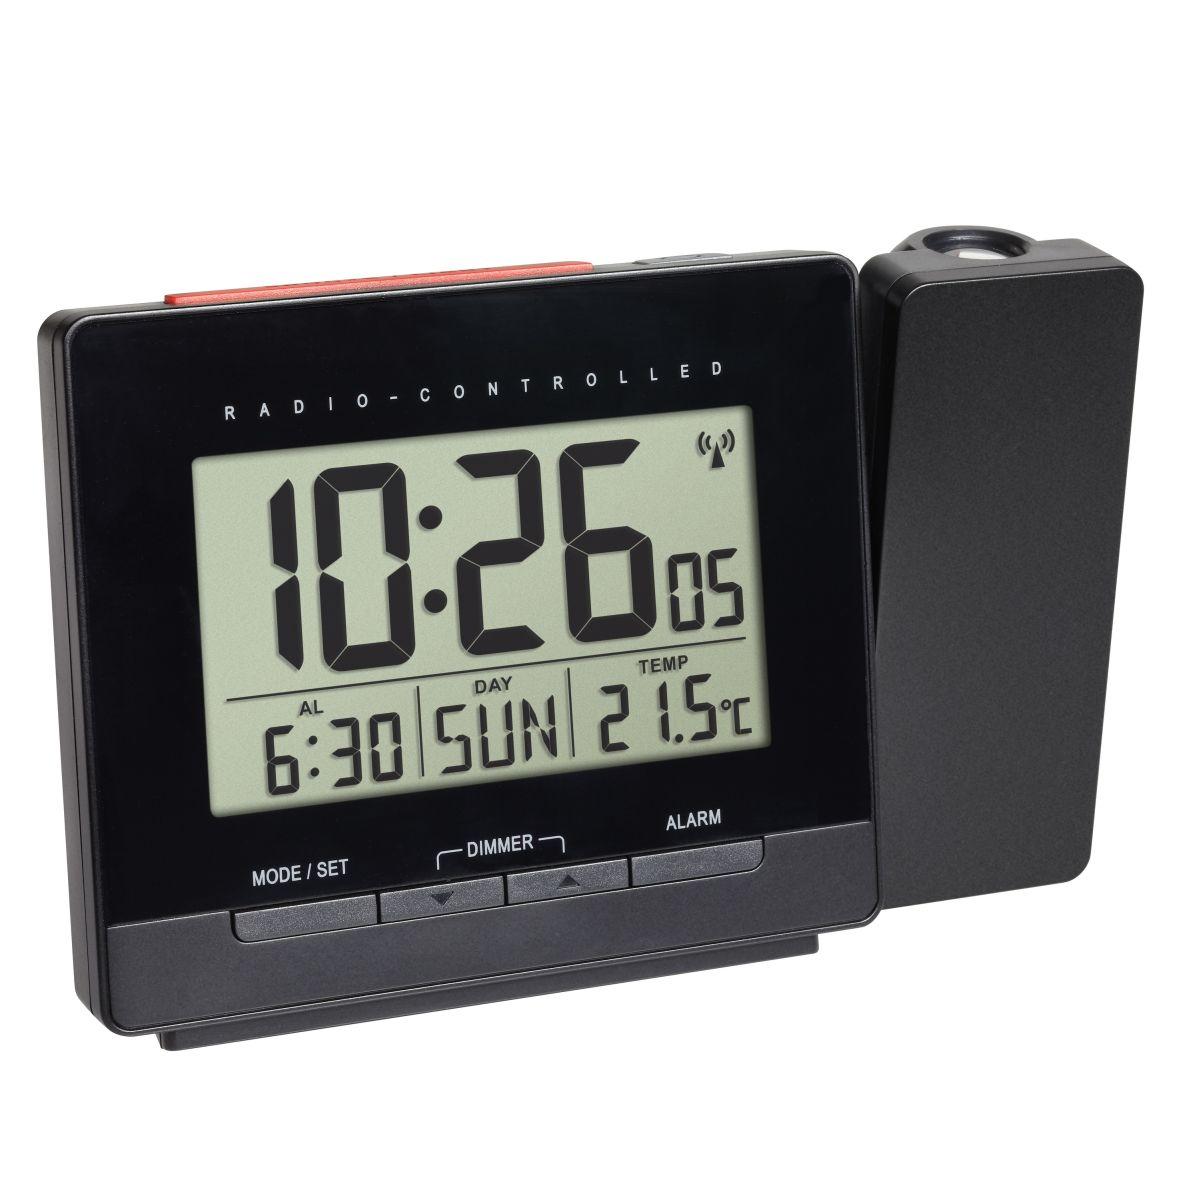 Rádiem řízený digitální budík s projekcí, zobrazením vnitřní teploty a podsvětleným displejem TFA 60.5016.01